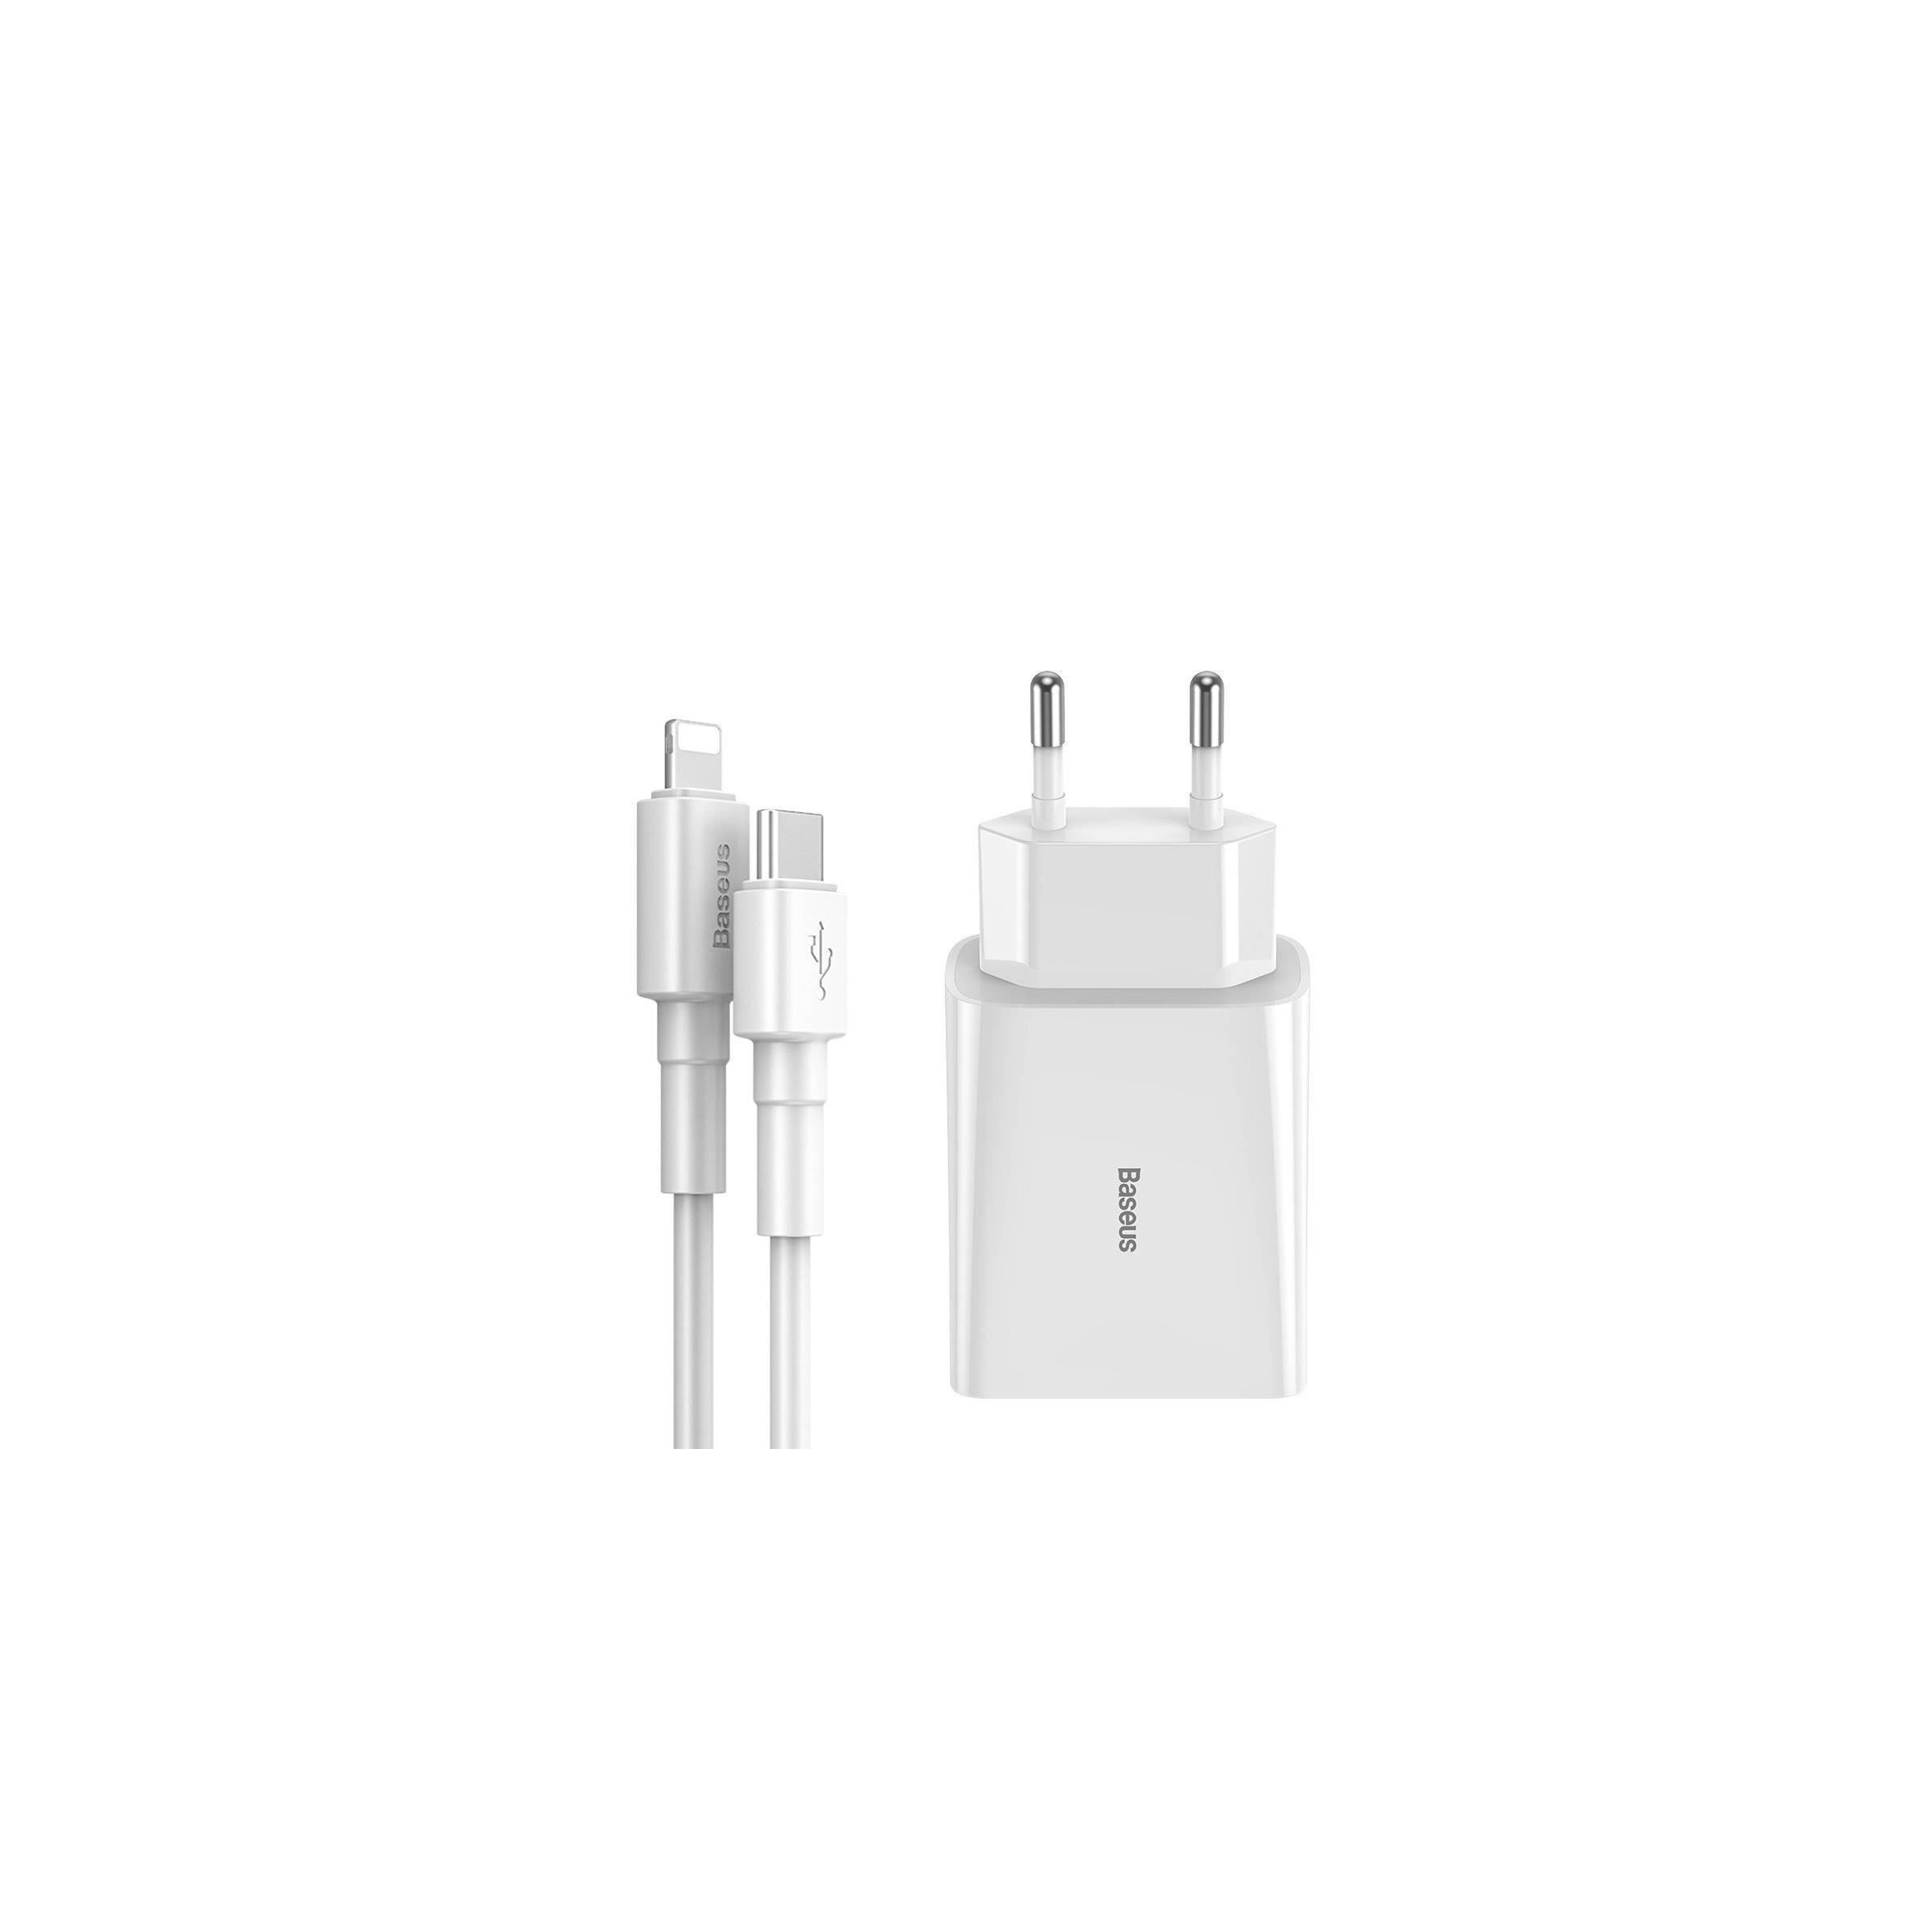 Baseus ipad/iphone 18w oplader med lightning kabel fra baseus fra mackabler.dk